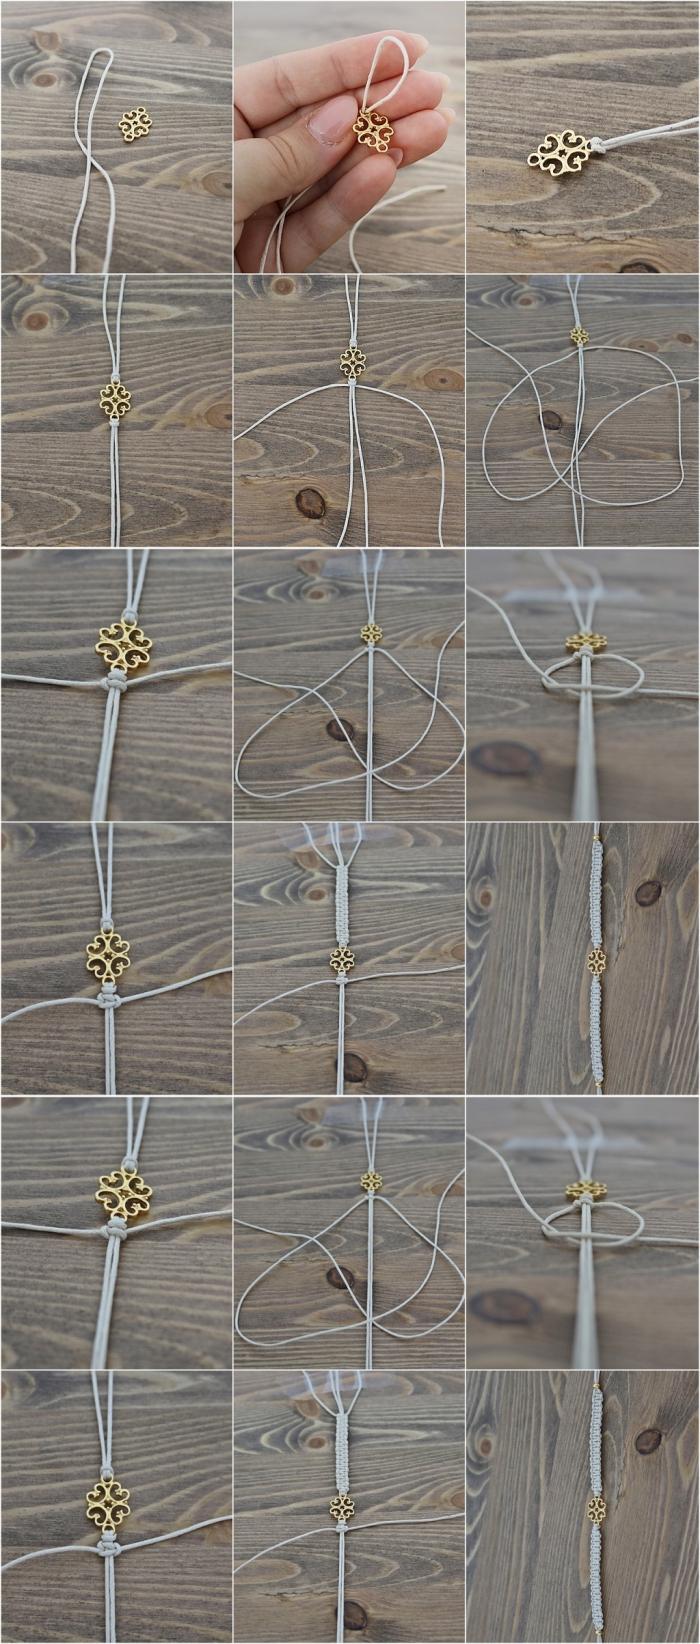 pas à pas noeud macramé, modèle de bracelet en fil gris avec ornement doré, comment réaliser des bijoux macramé,